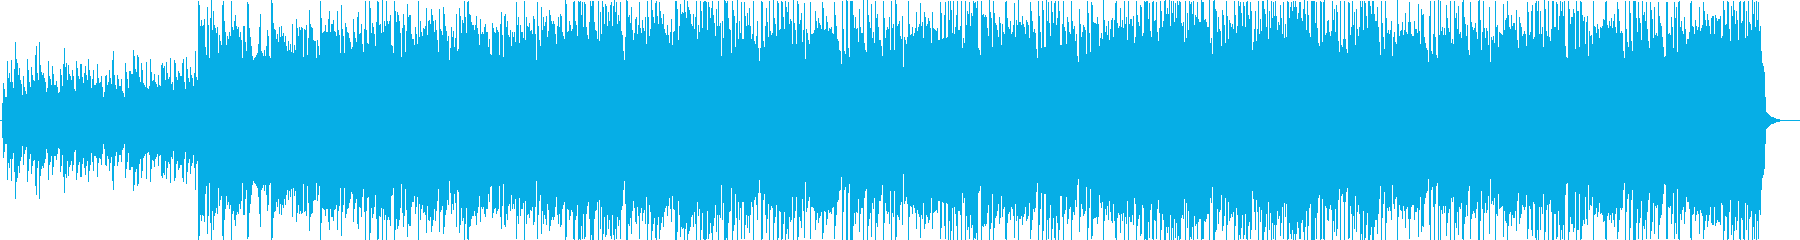 ノスタルジックな民族音楽系BGMの再生済みの波形